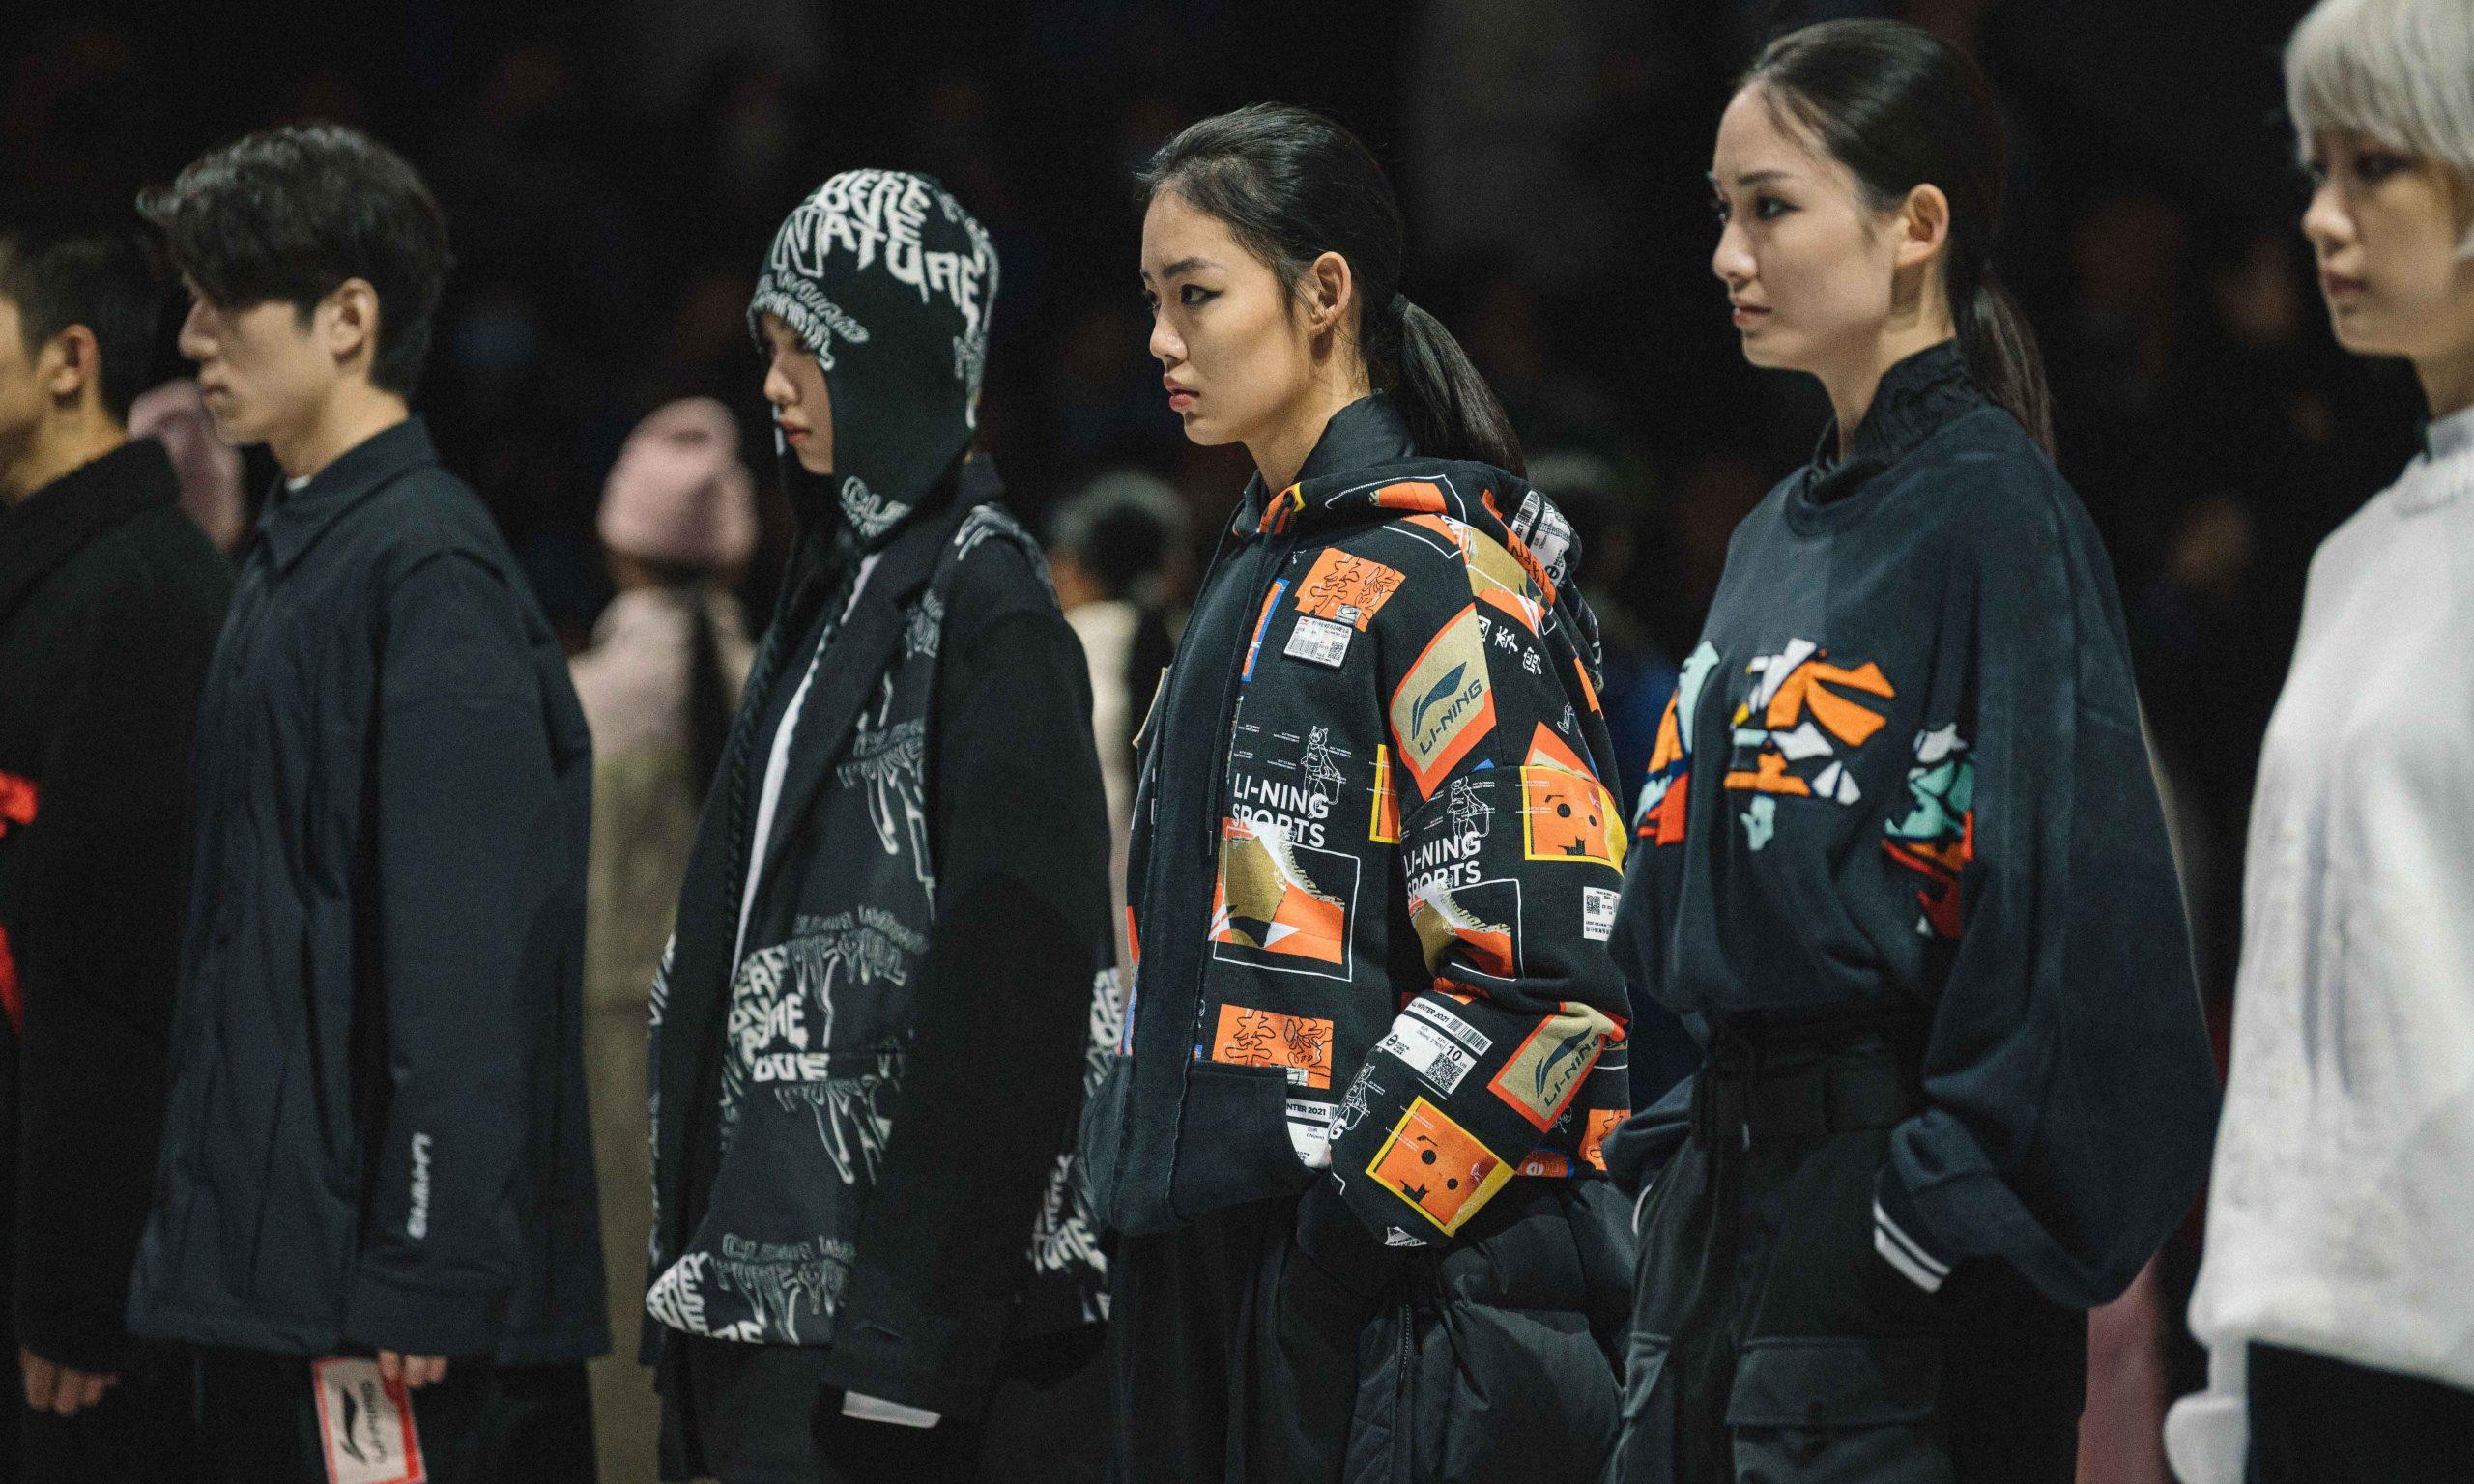 关于中国李宁的 21 秋冬,我们带着问题找到了设计团队亲自解答